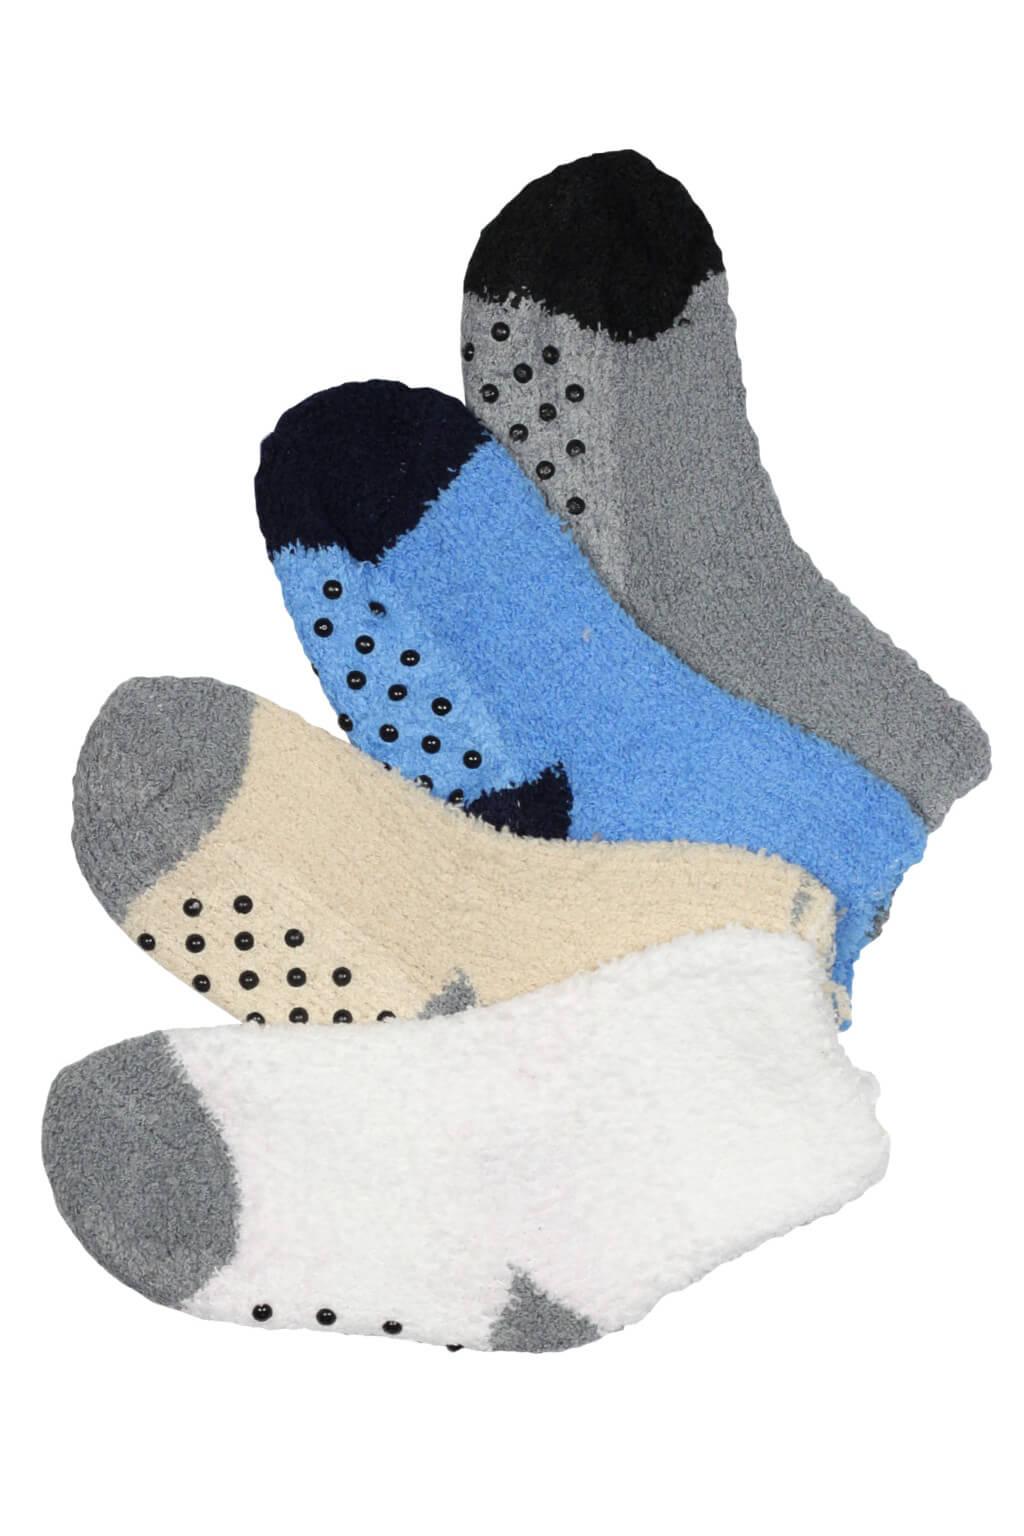 Chlapecké žinilkové ponožky 3 páry MIX 31-34 eccb5bf8e8